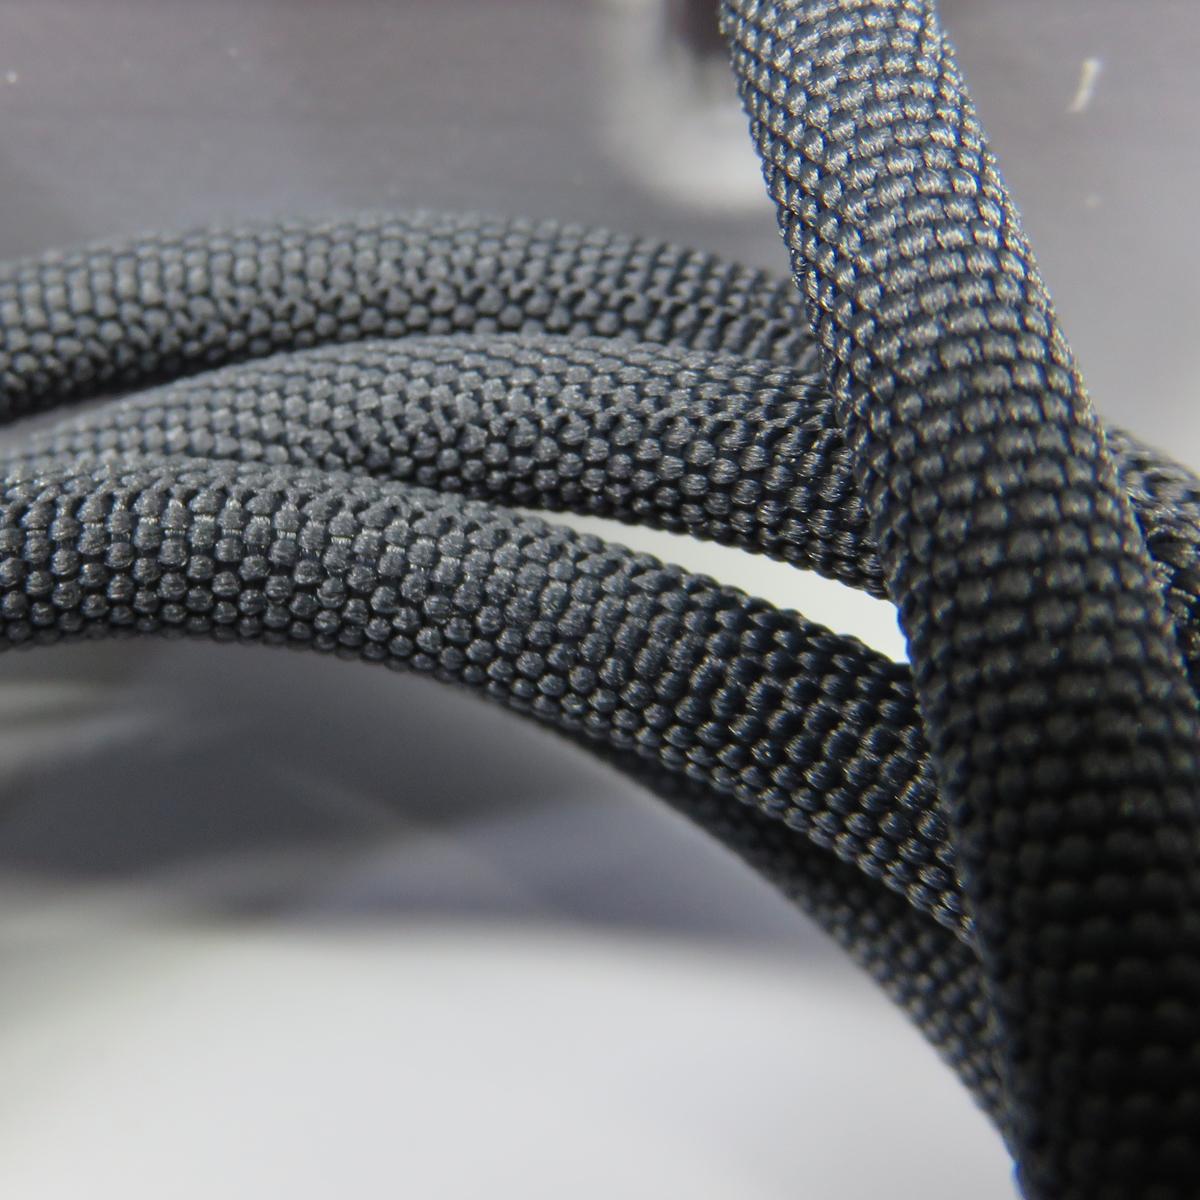 کابل تبدیل USB به لایتنینگ مویان مدل MC-04 طول 1 متر